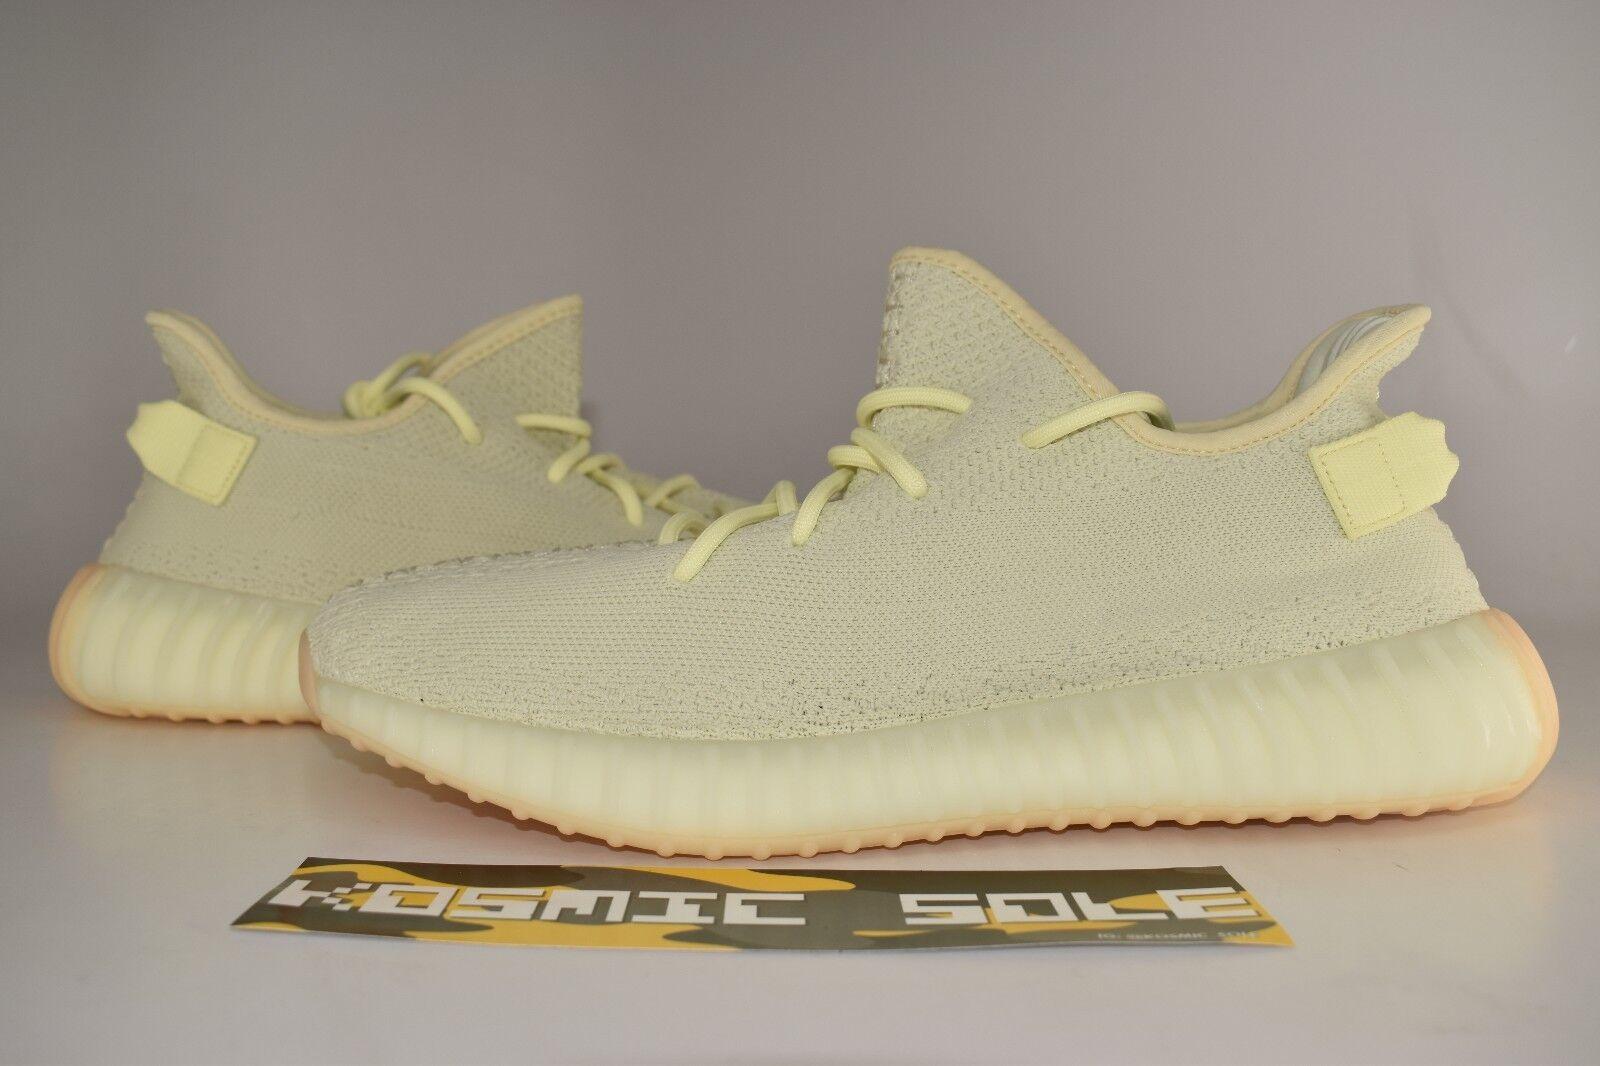 Adidas butter yeezy auftrieb 350 v2 butter Adidas f36980 größe 8,5 98ad57